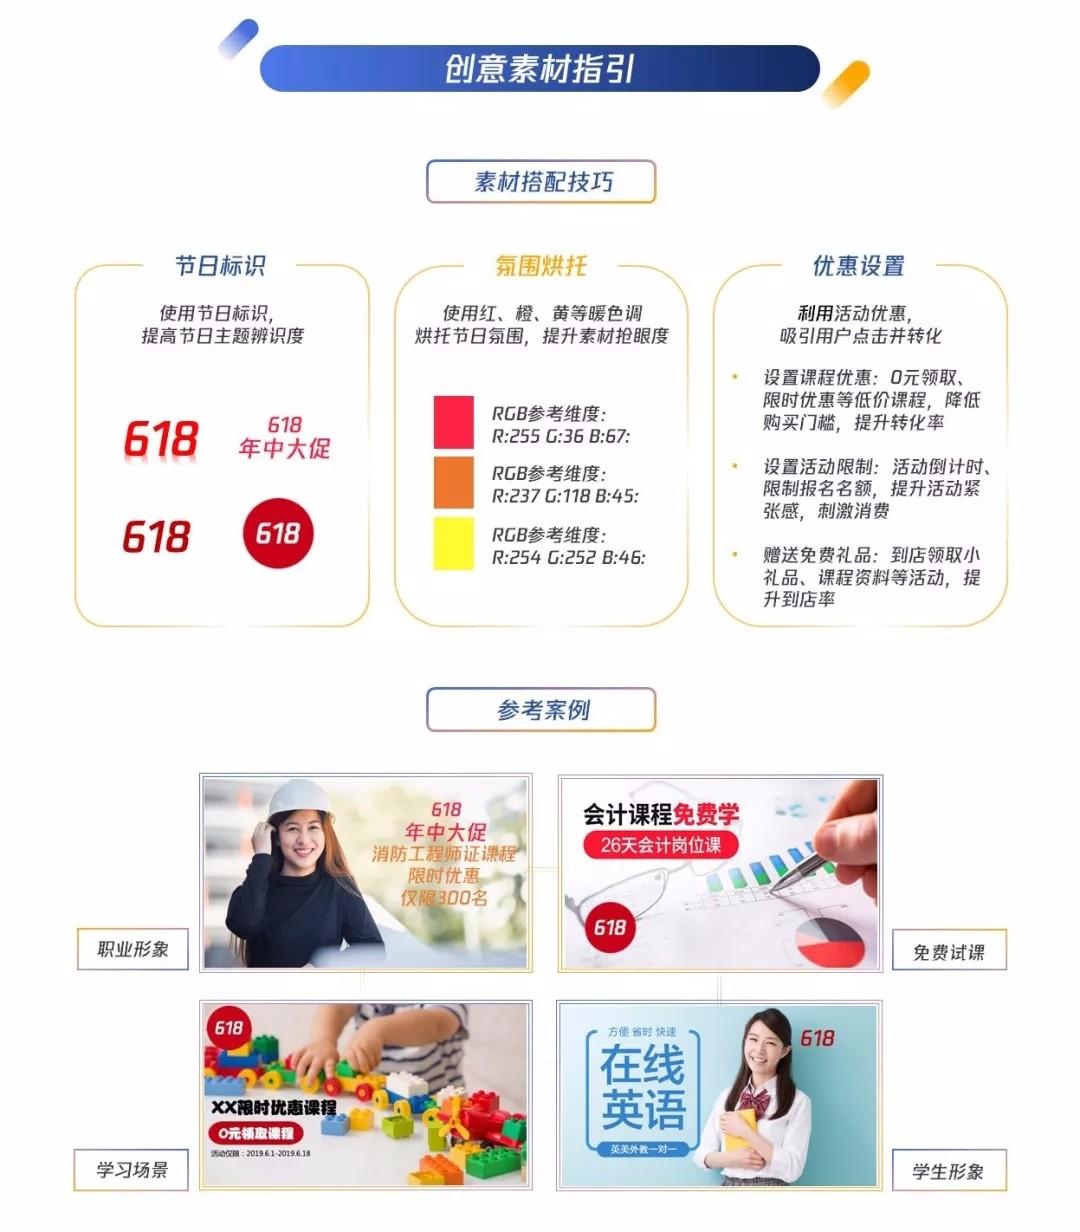 618教育行业如何利用Tencent广告进行推广?